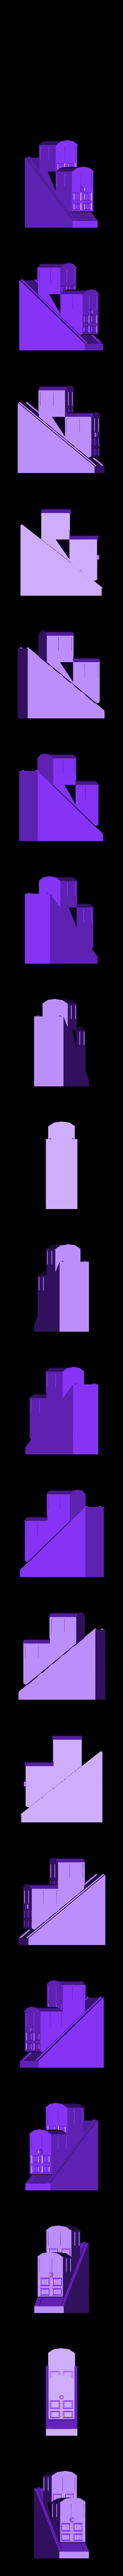 Funicular_01.obj Télécharger fichier OBJ gratuit Funiculaire • Design à imprimer en 3D, Colorful3D